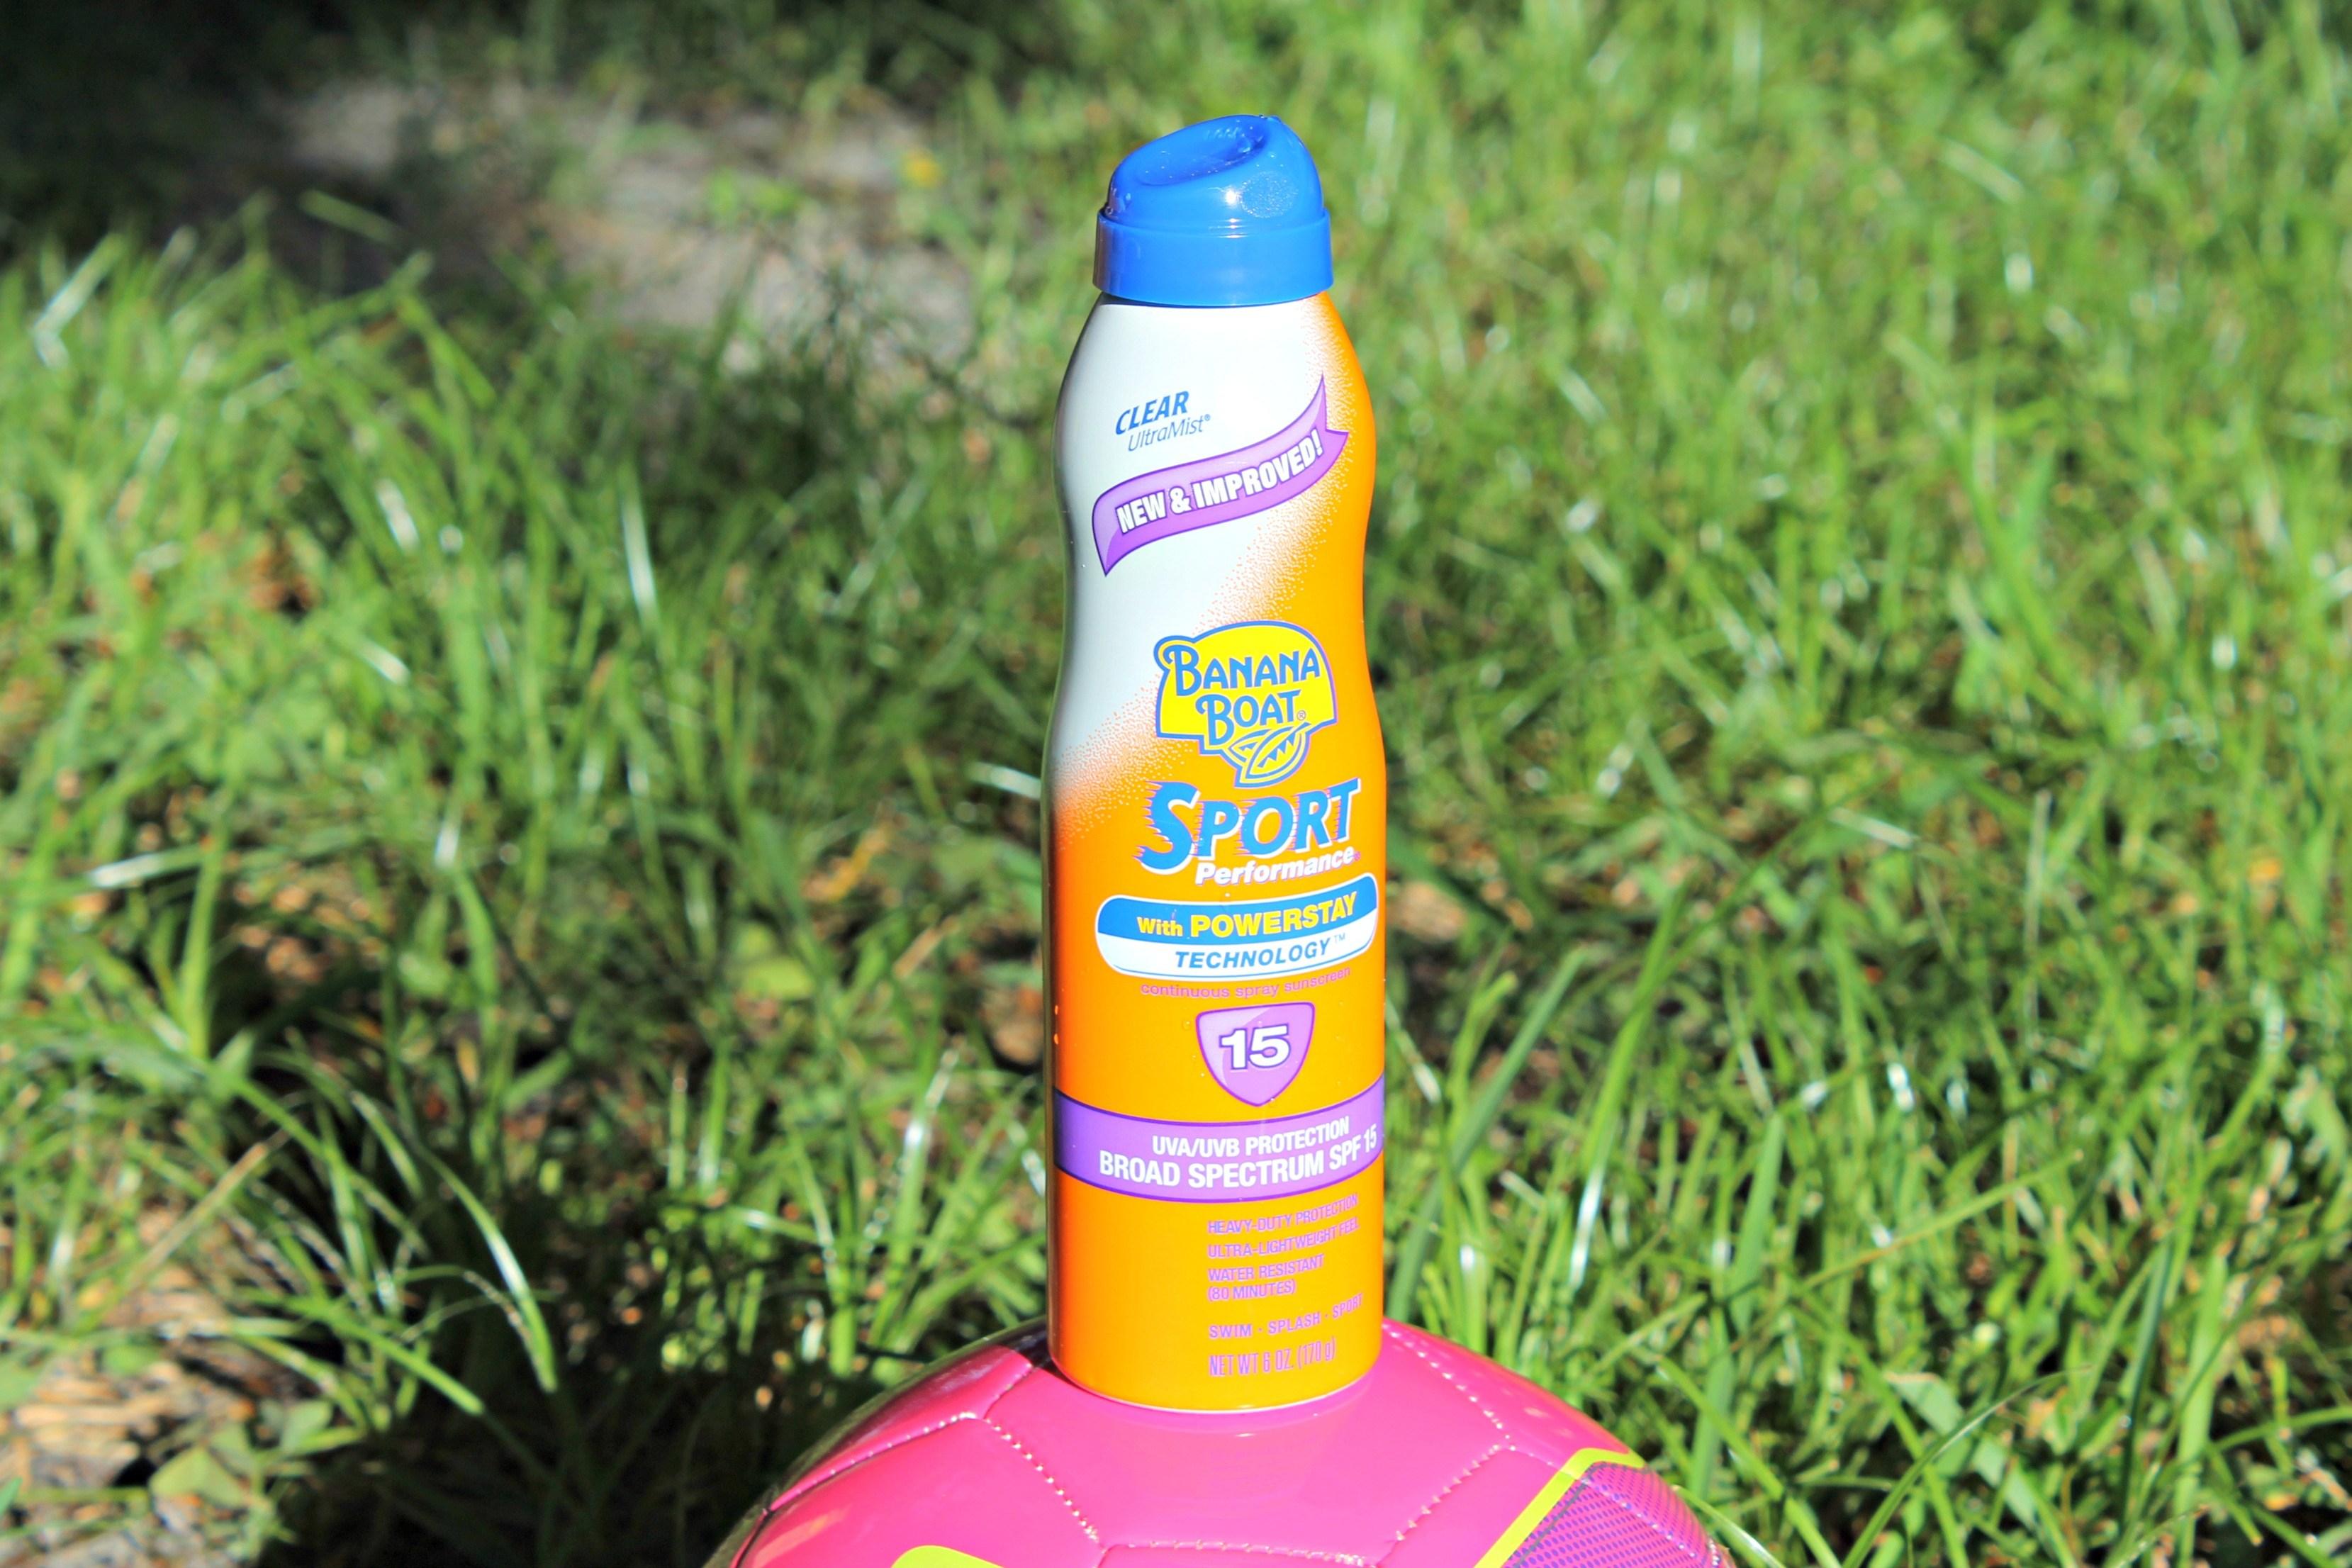 kem chống nắng là sản phẩm chăm sóc toàn thân bắt buộc không được thiếu